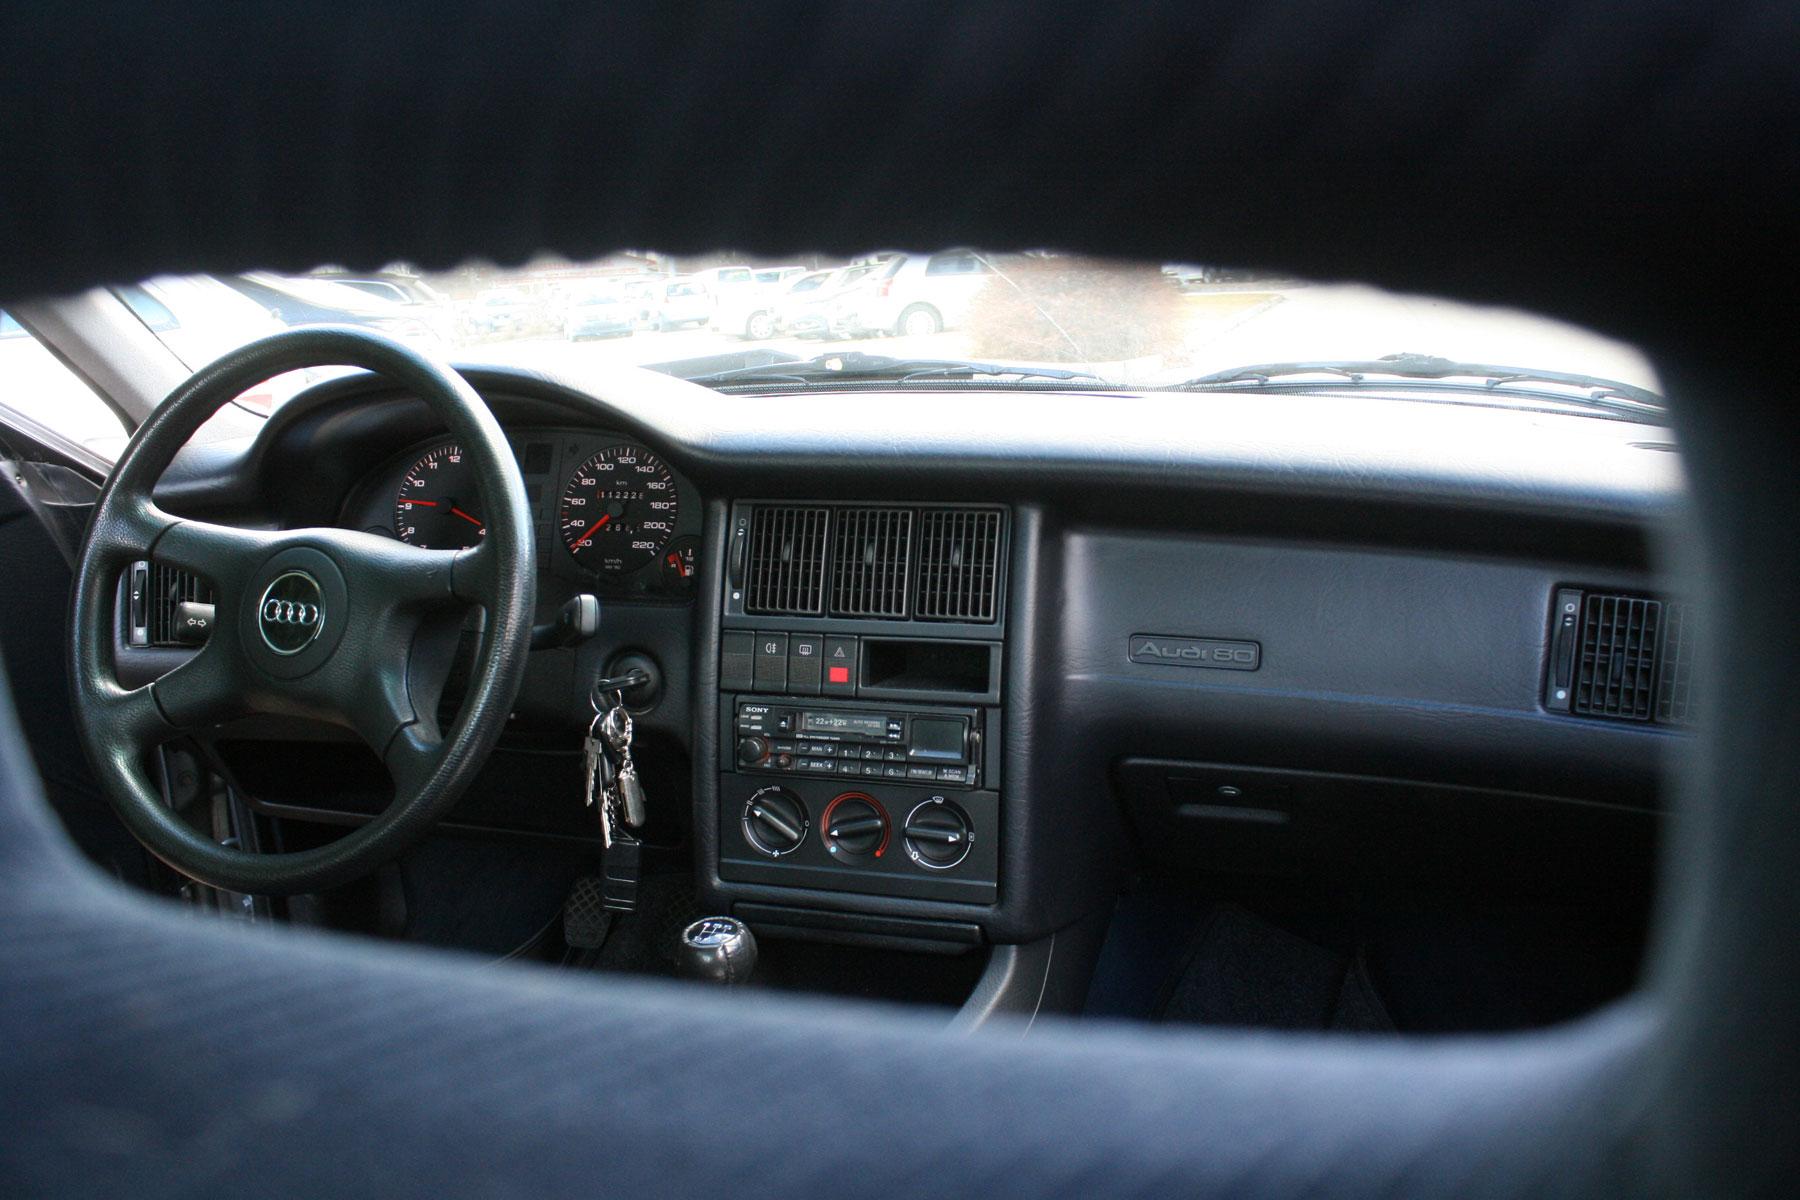 Audis jellegzetesség volt akkoriban a keret alakú fejtámla